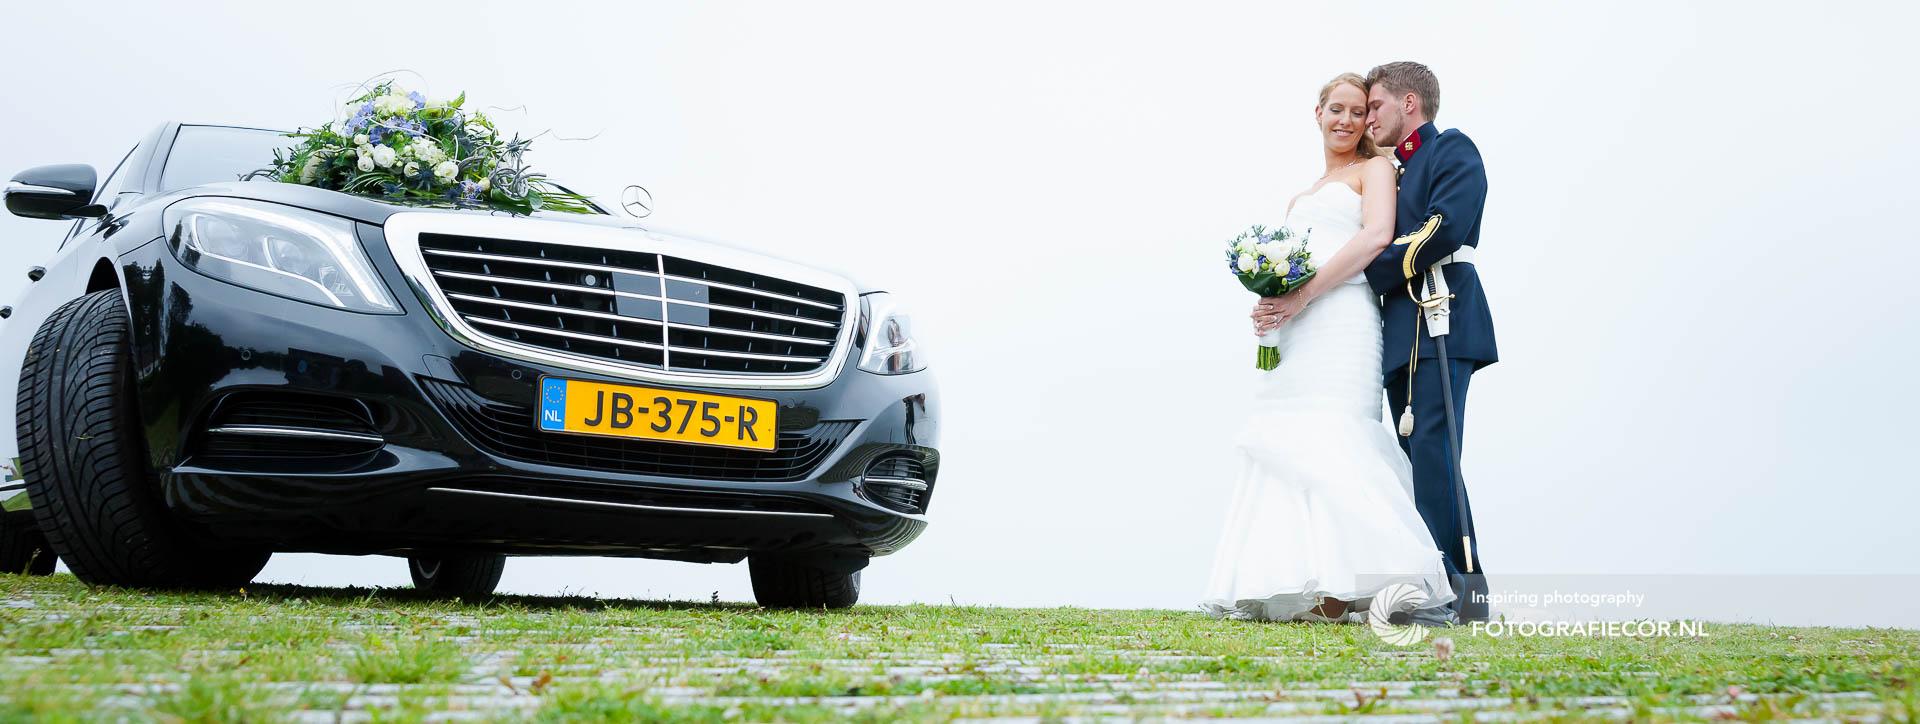 trouwfoto | trouwreportage | huwelijk | fotograaf | foto | locatie | Trouwen